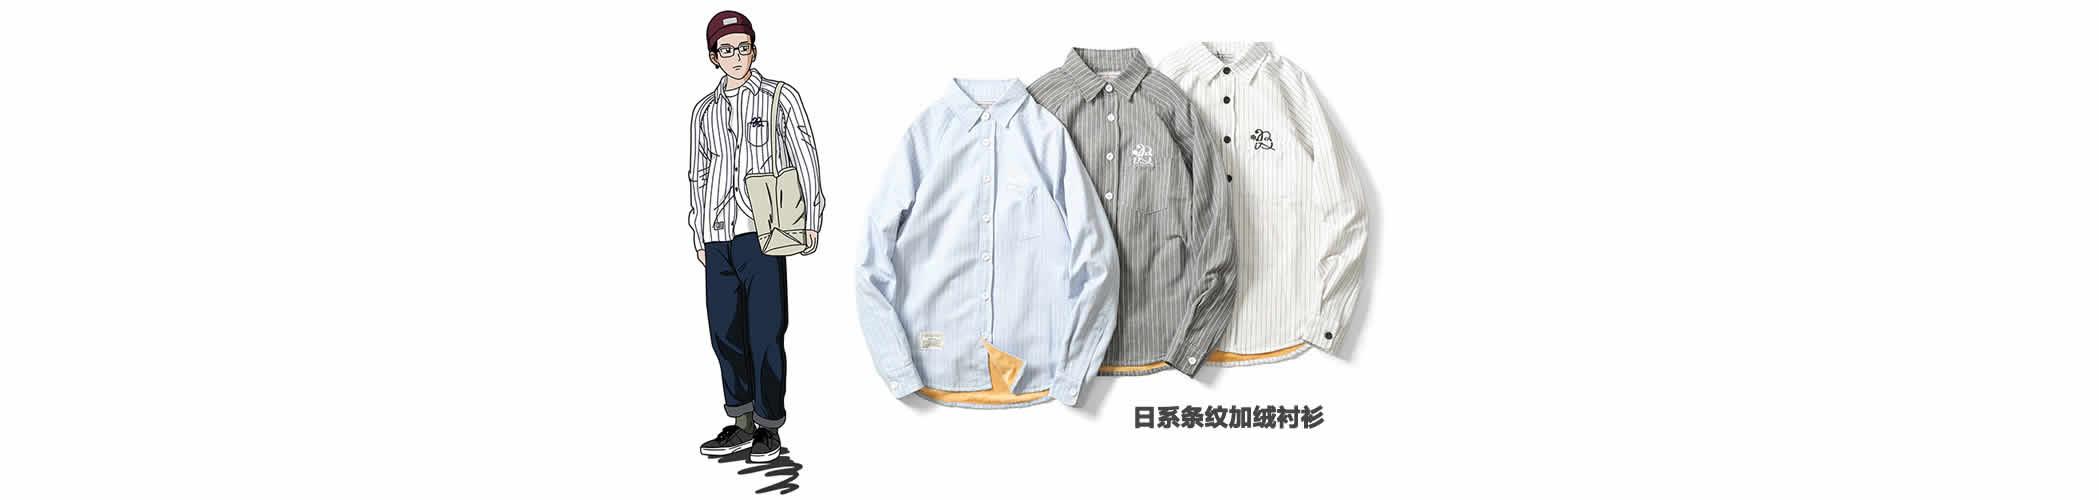 日系条纹加绒衬衫保暖打底上衣刺绣长袖方领衬衣